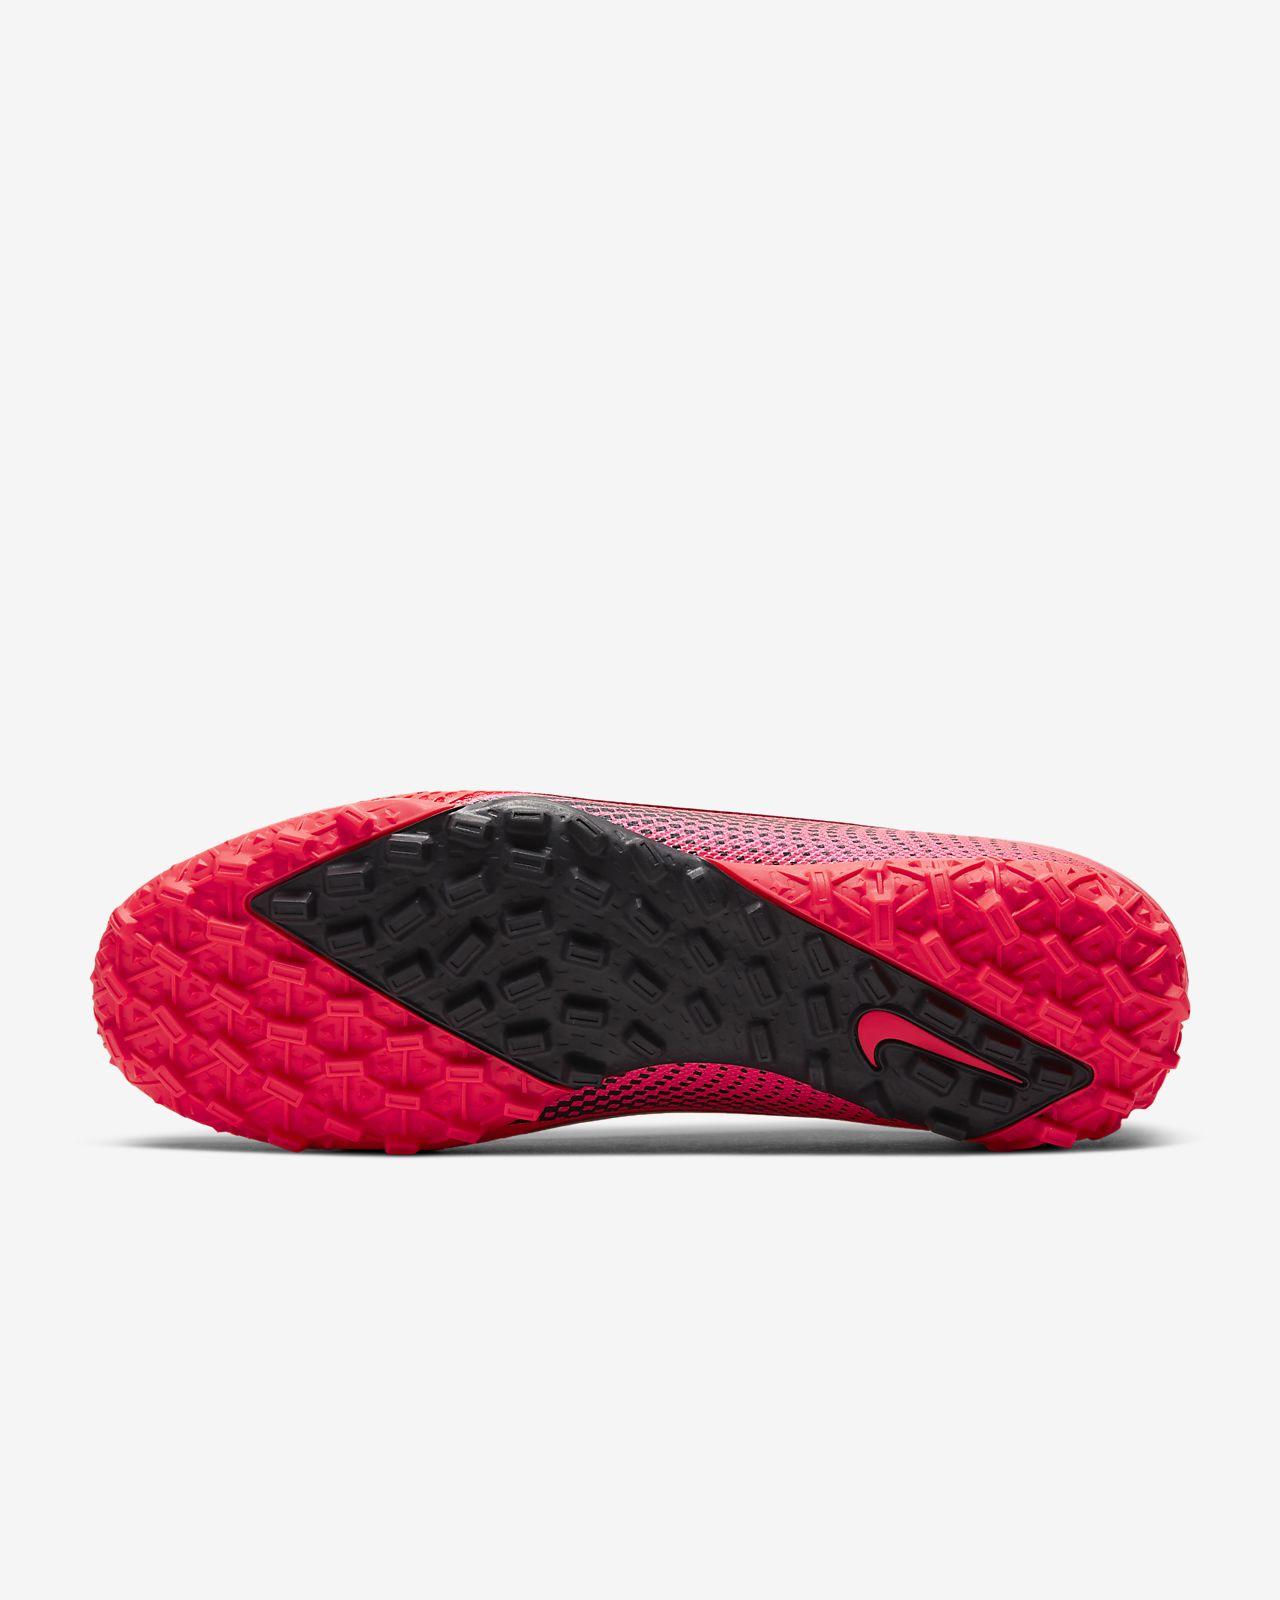 Nike Mercurial Vapor 13 Pro TF Artificial Turf Soccer Shoe